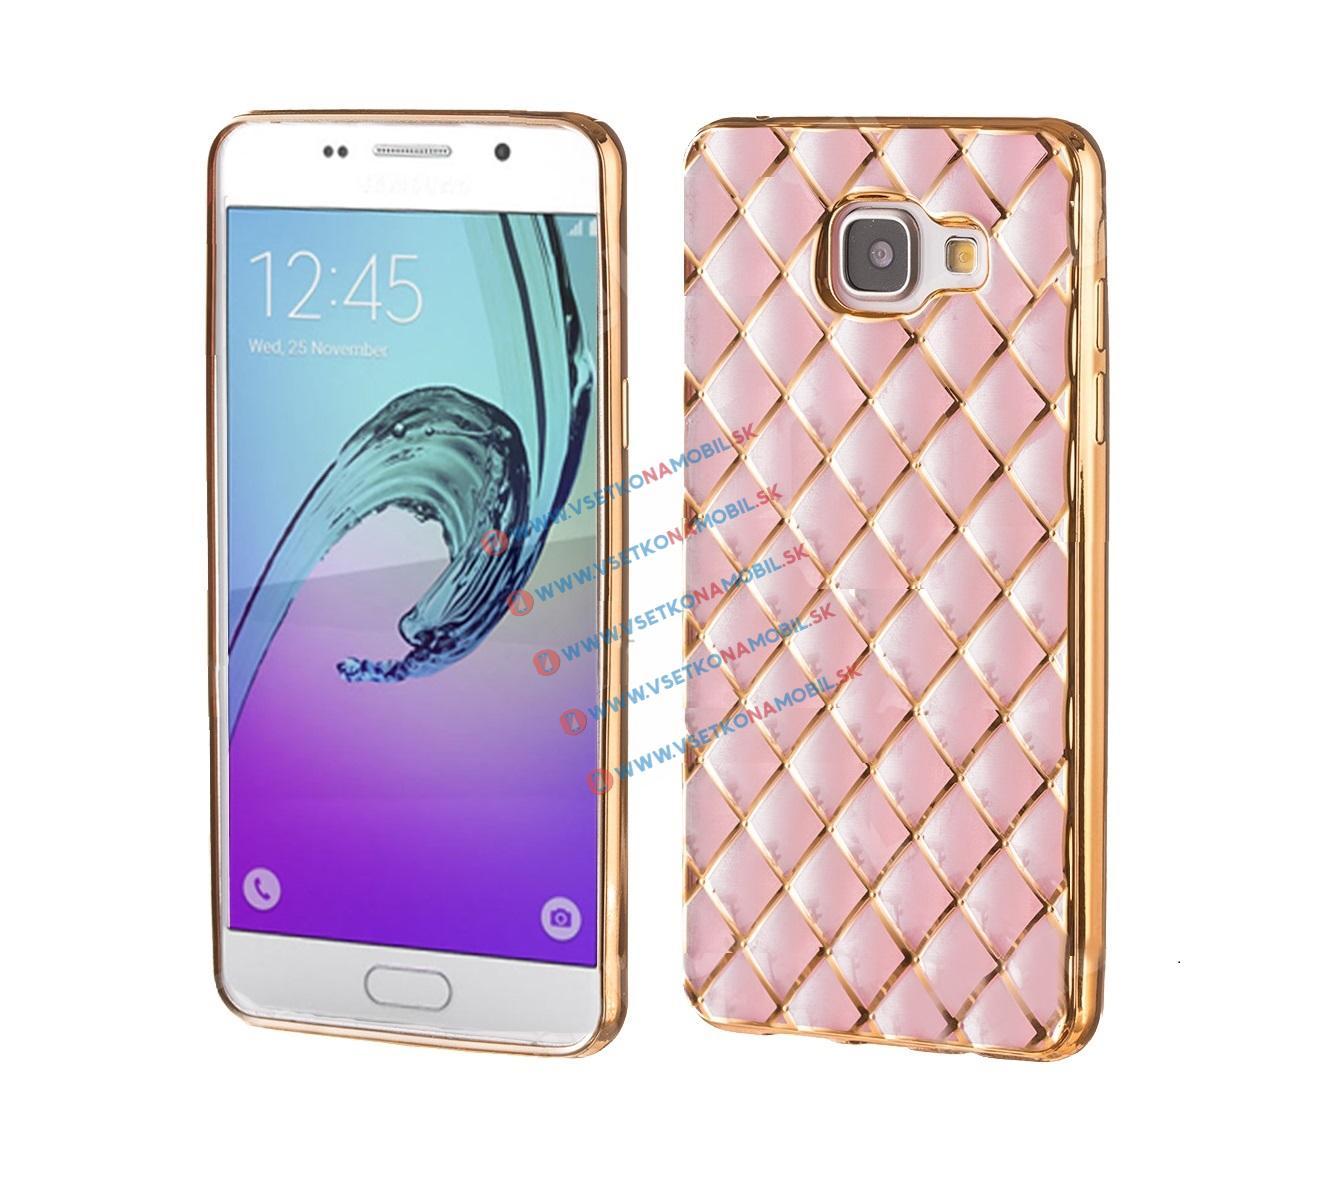 Silikónový obal Samsung Galaxy A5 2016 ružový LUXURY